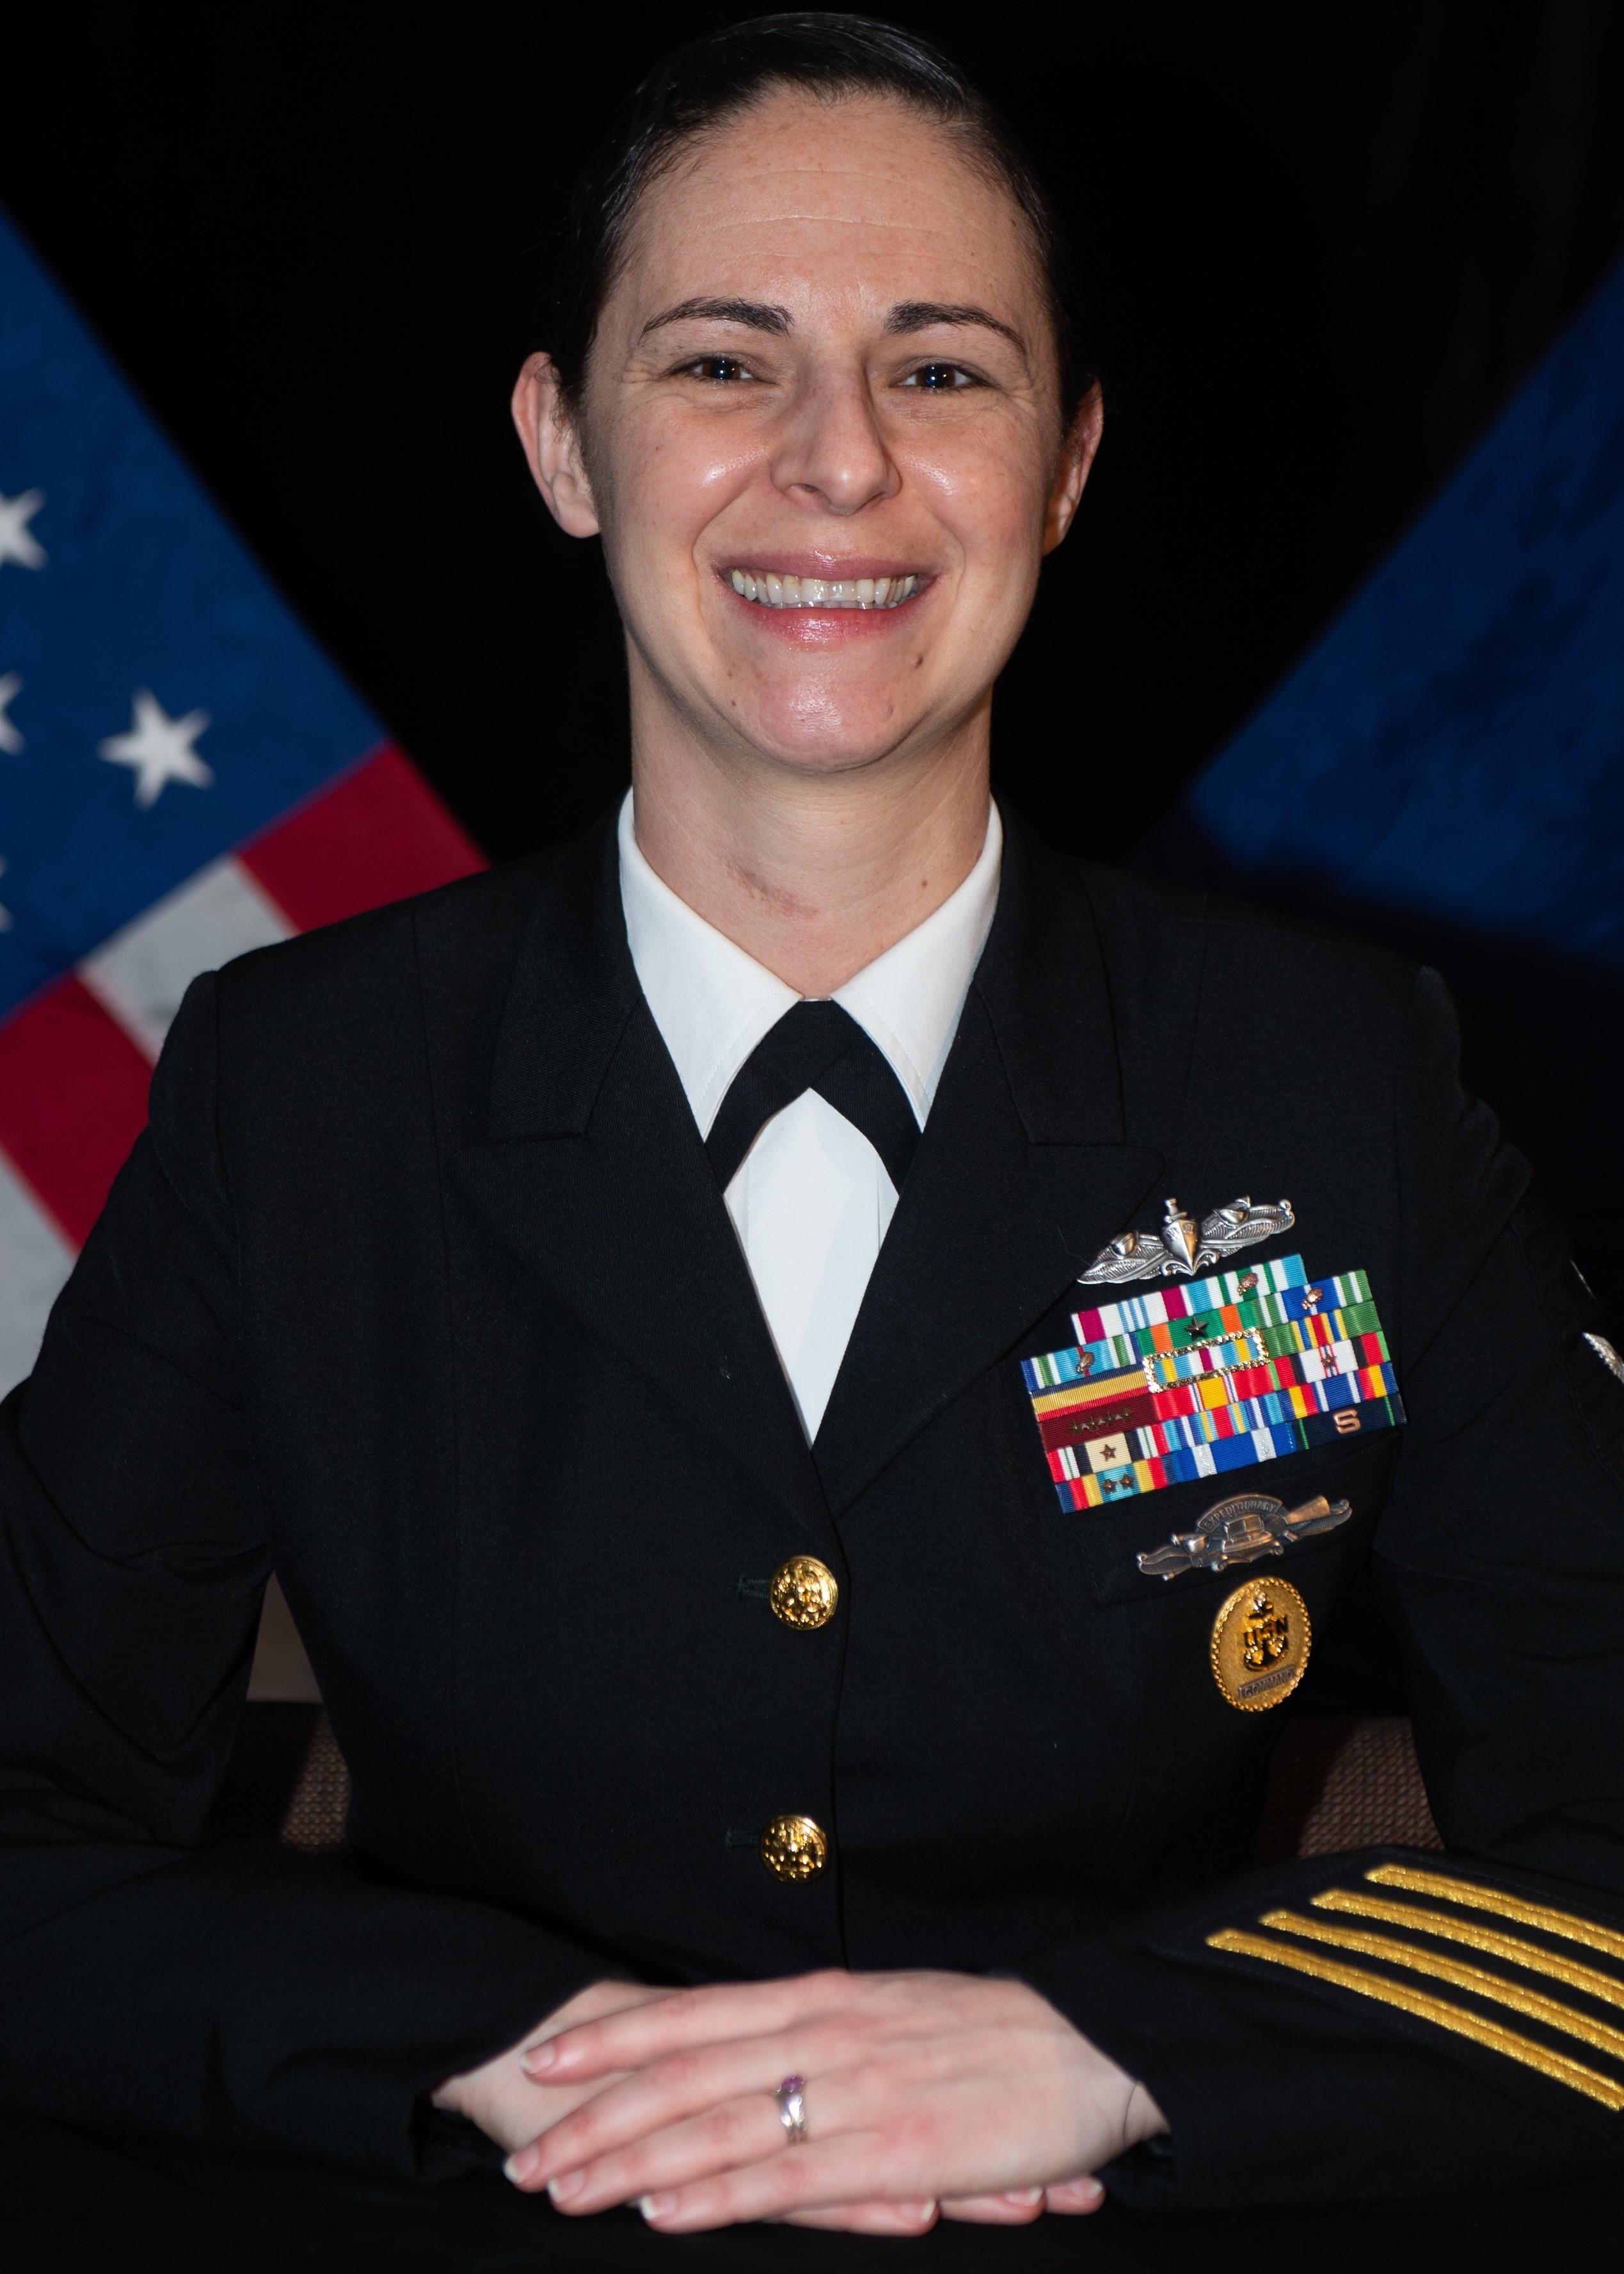 Potrait of Senior Chief Angela Collins in her navy uniform